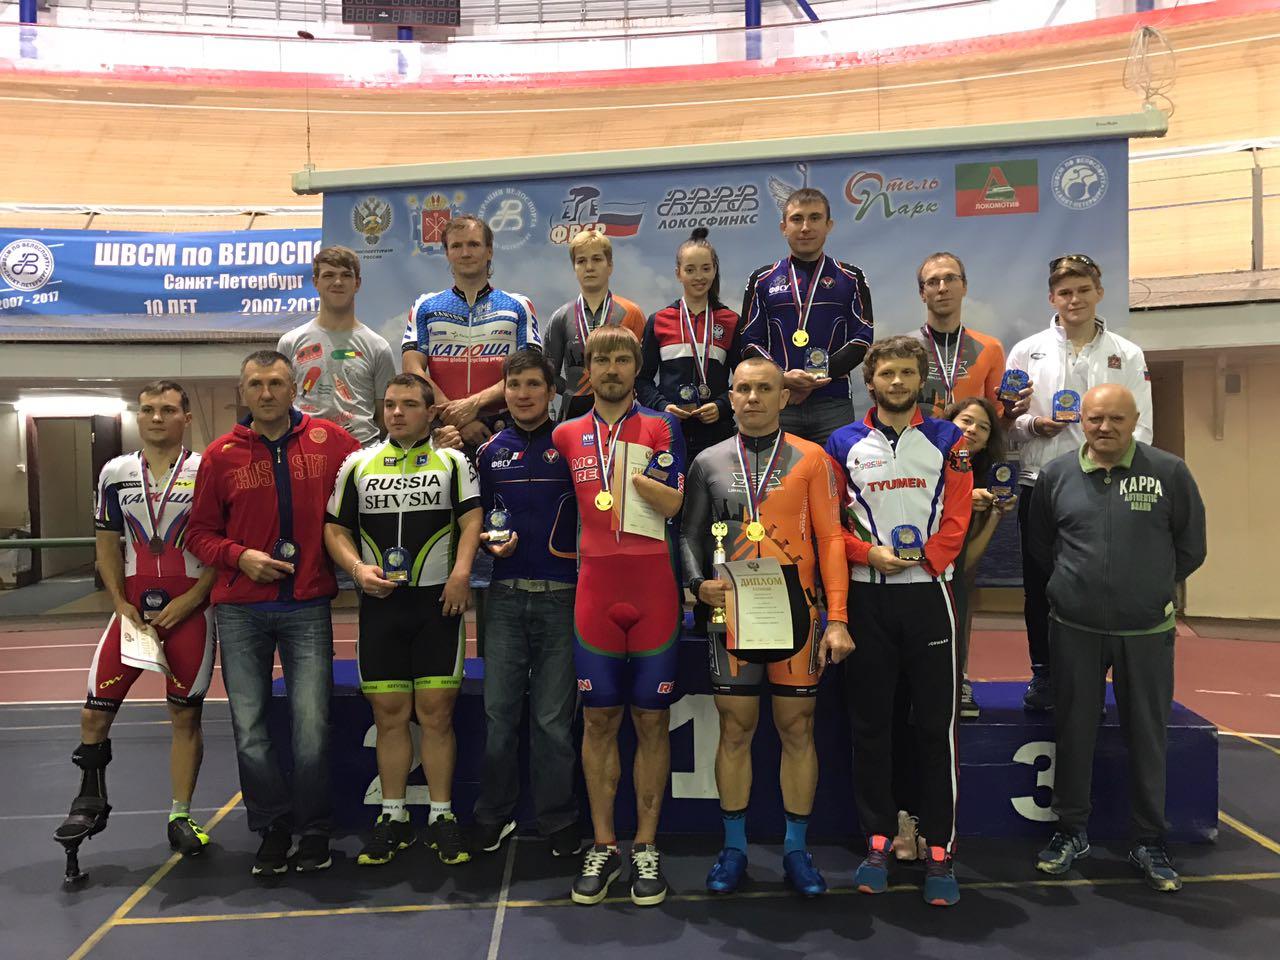 Москвичка Елена Галкина одержала четыре победы на чемпионате России по велоспорту на треке среди лиц с ПОДА в Санкт-Петербурге